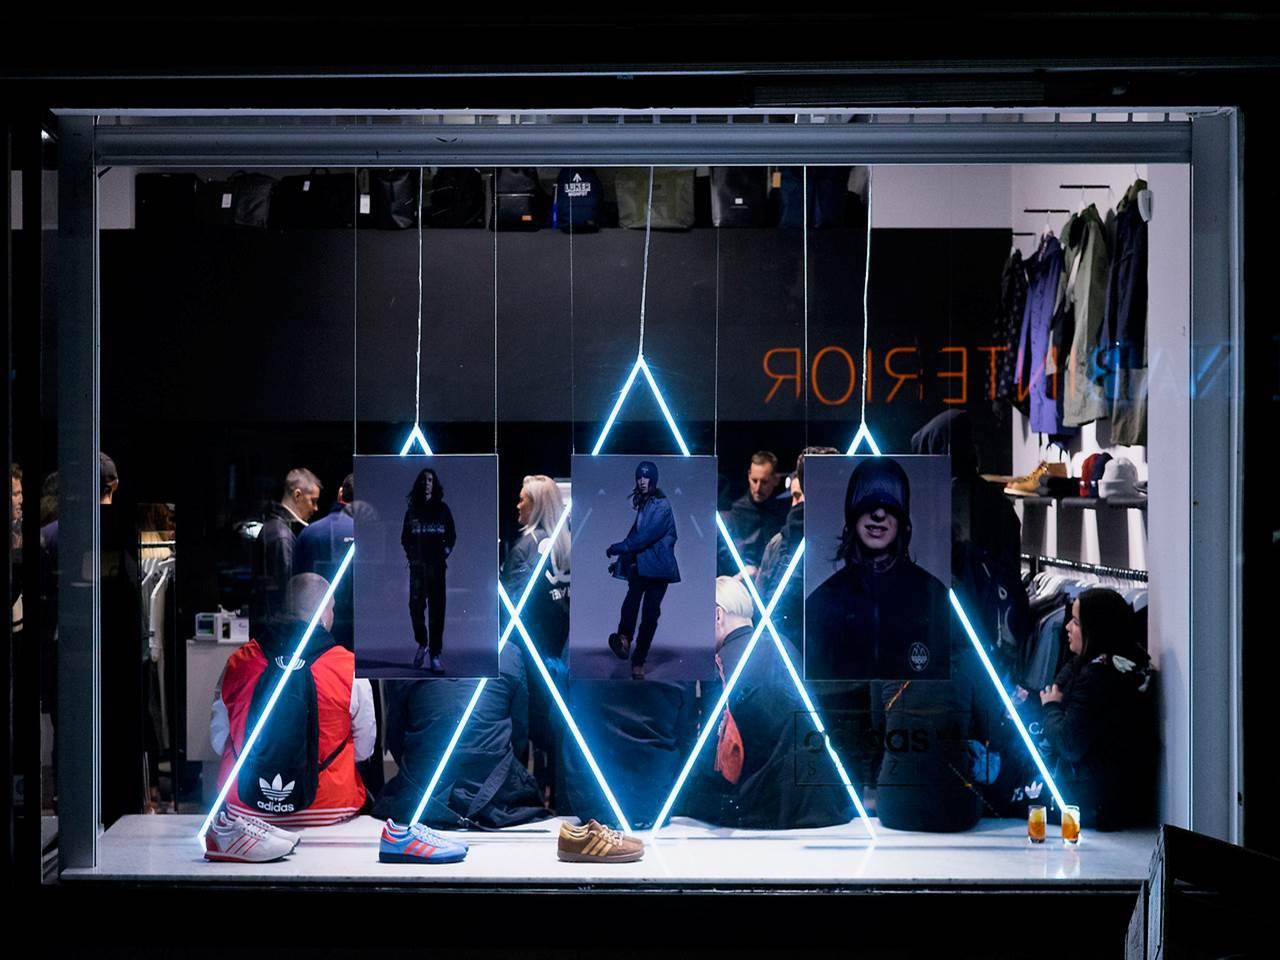 Adidas - Belysning skyltfönster